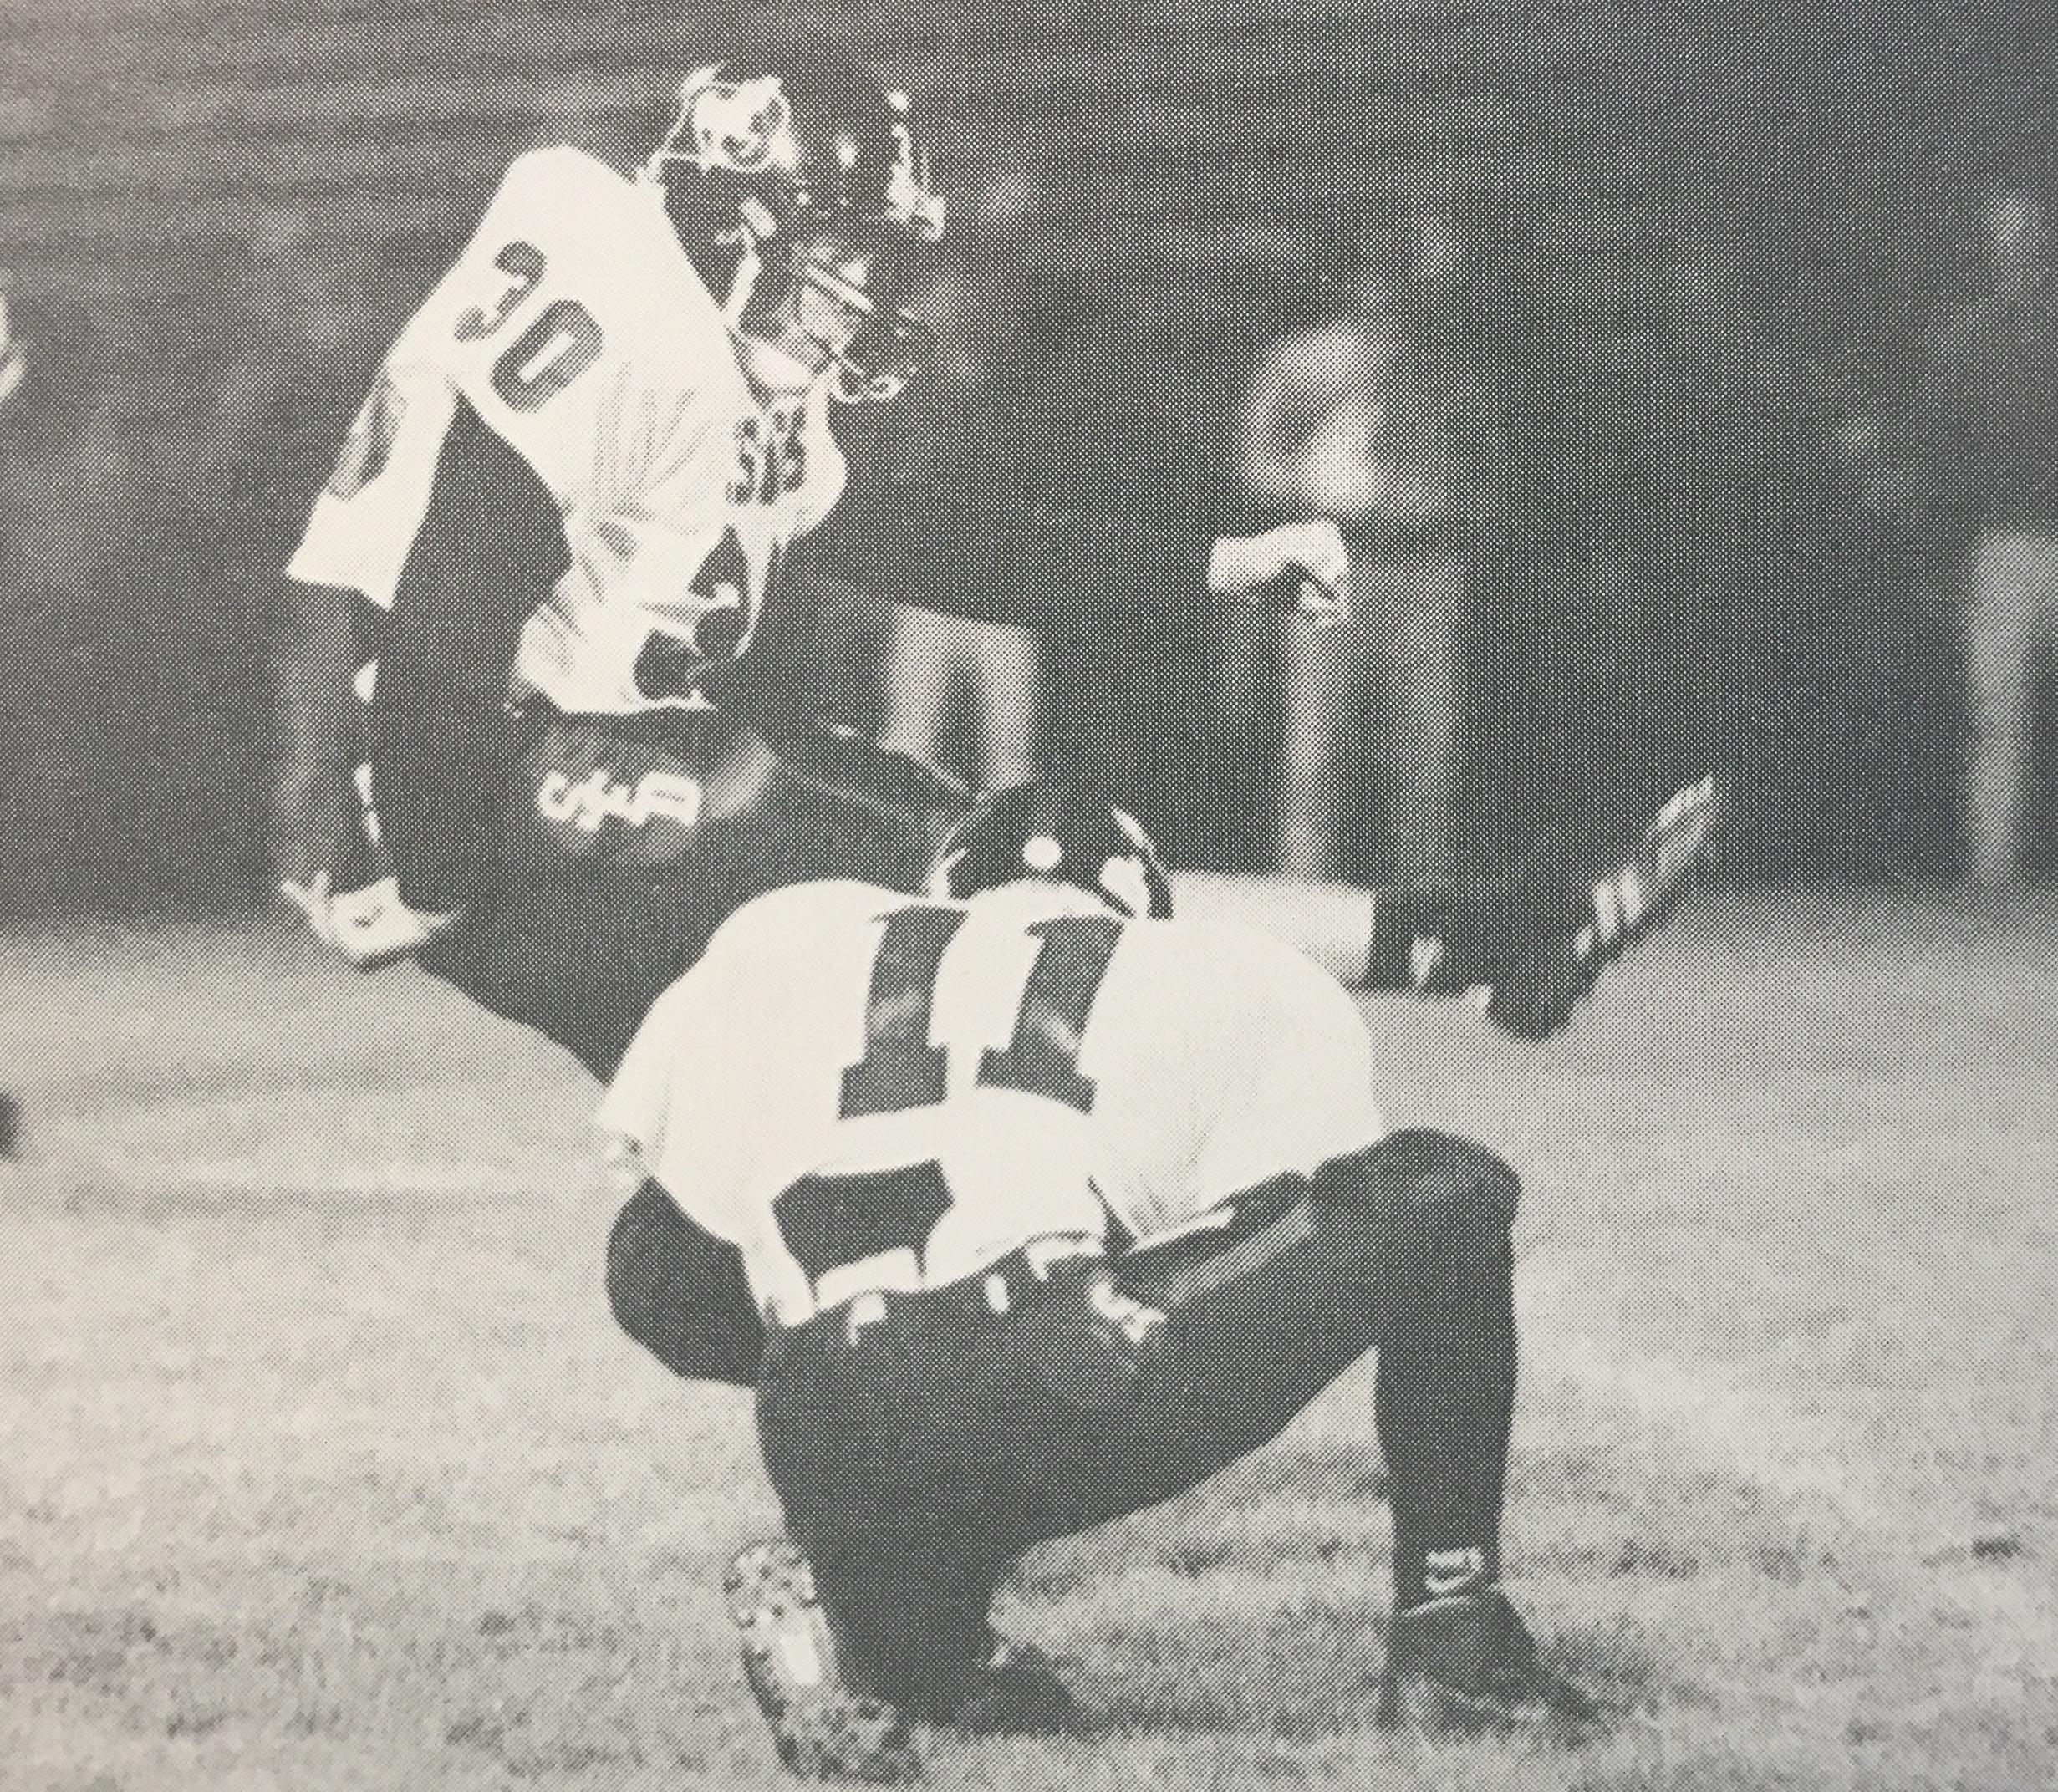 Steve Brown '94